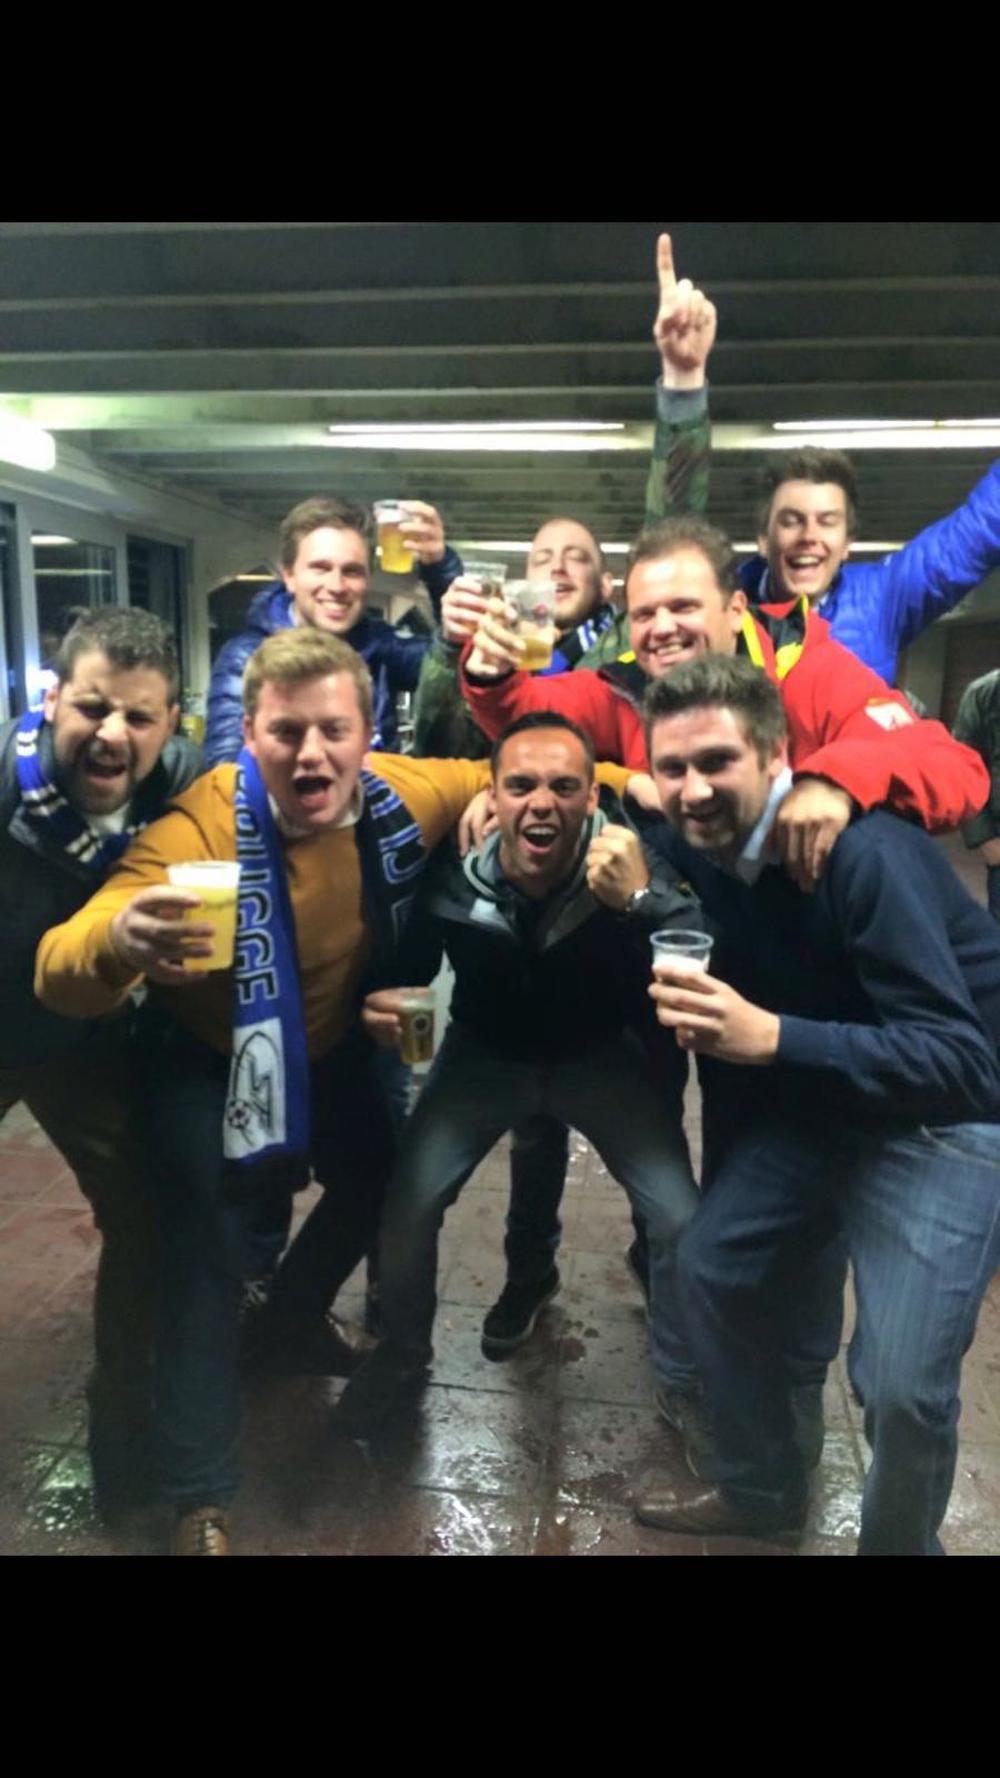 Michiel supporterend voor Club Brugge, tussen zijn vrienden.